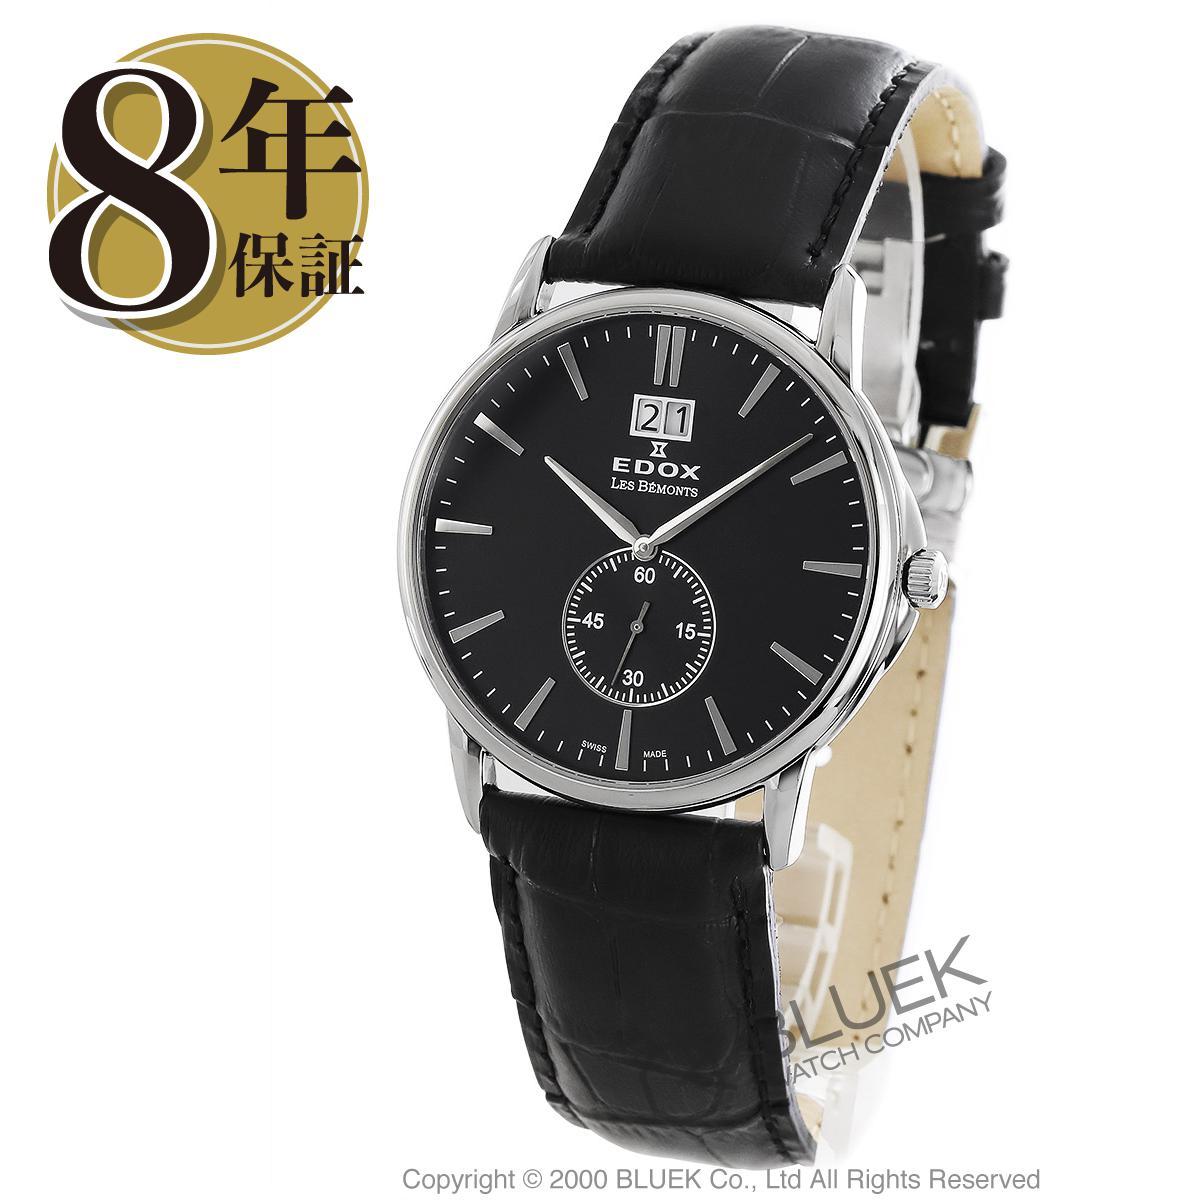 エドックス レ・ベモン 腕時計 メンズ EDOX 64012-3-NIN_8